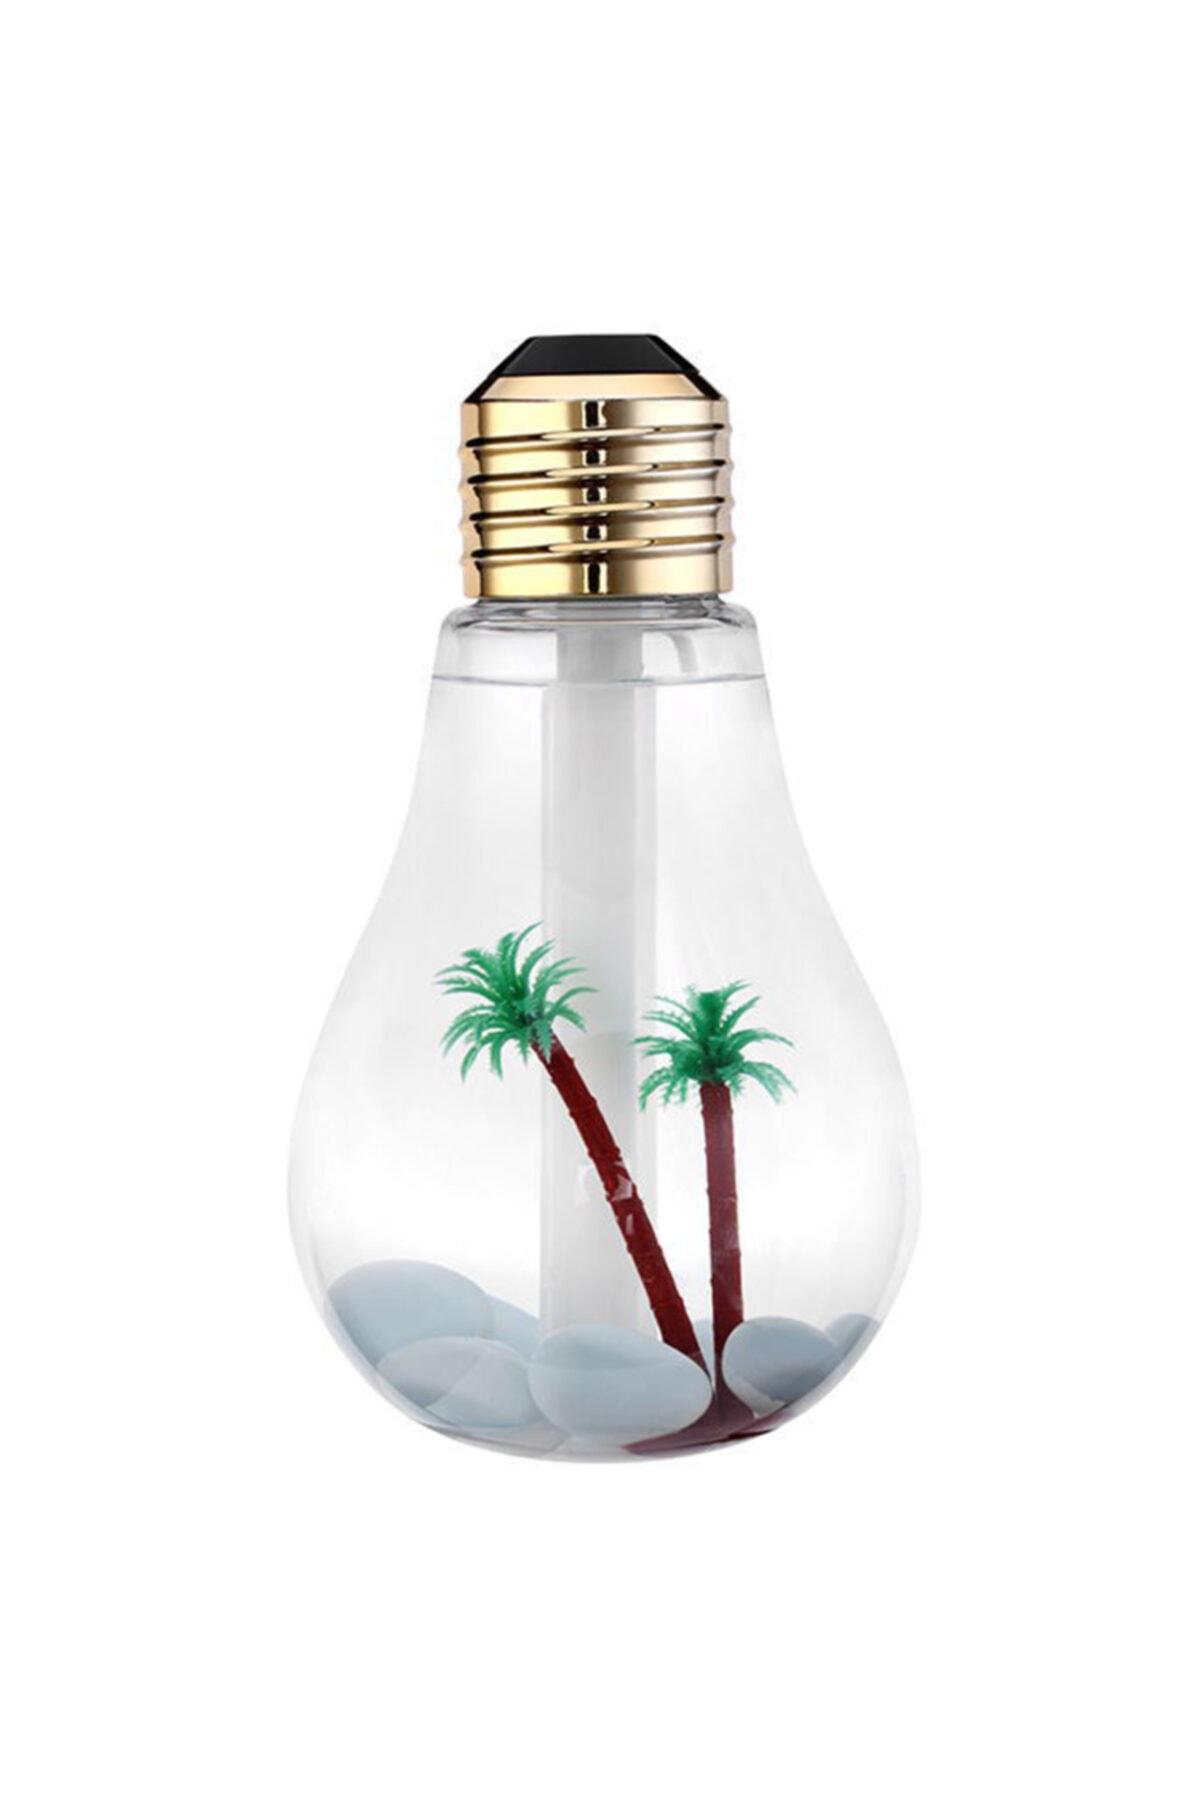 Sharp Store Dekoratif Abs Led Işıklı Hava Nemlendirici Buhar Makinası 1